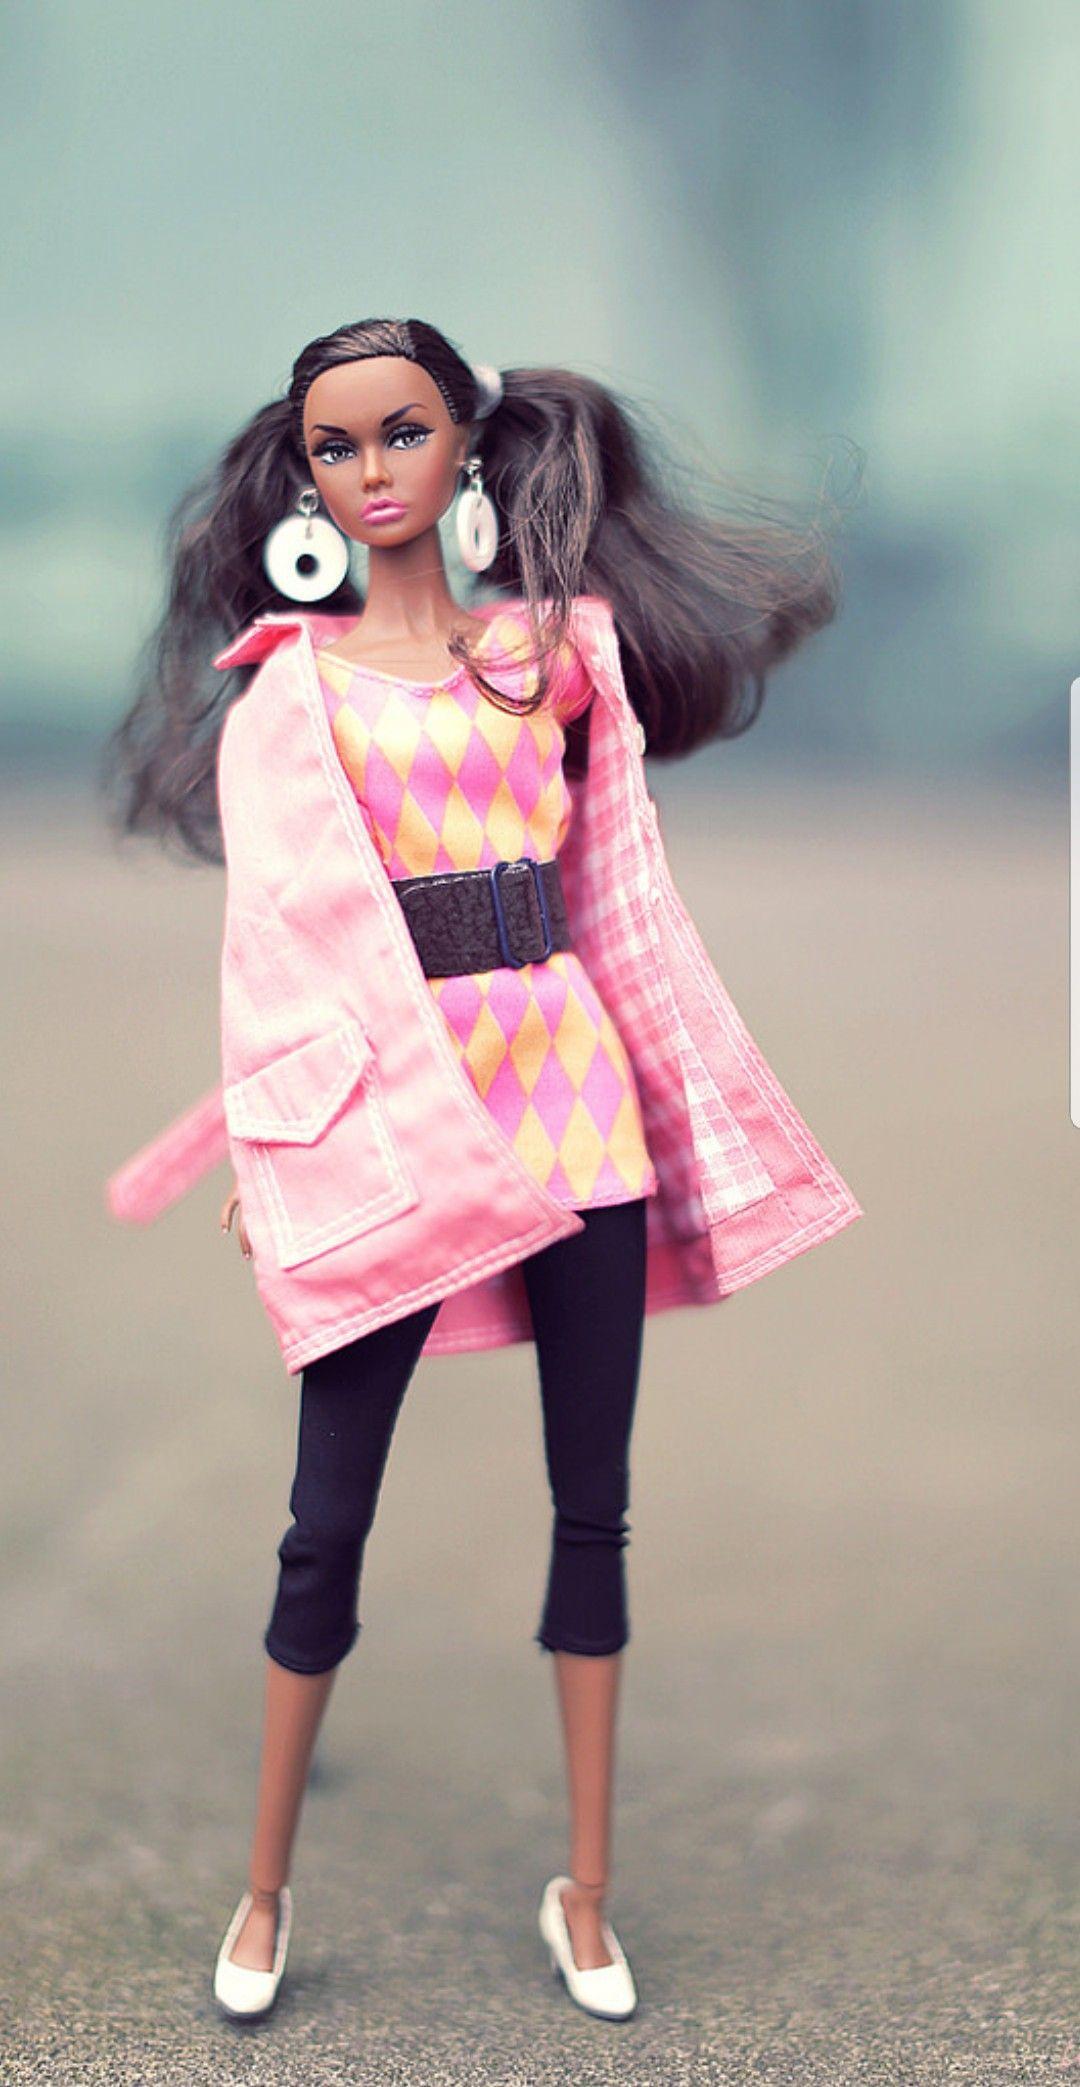 Pin de Mariana Rando en Muñecas | Pinterest | Barbie, Muñecas y ...